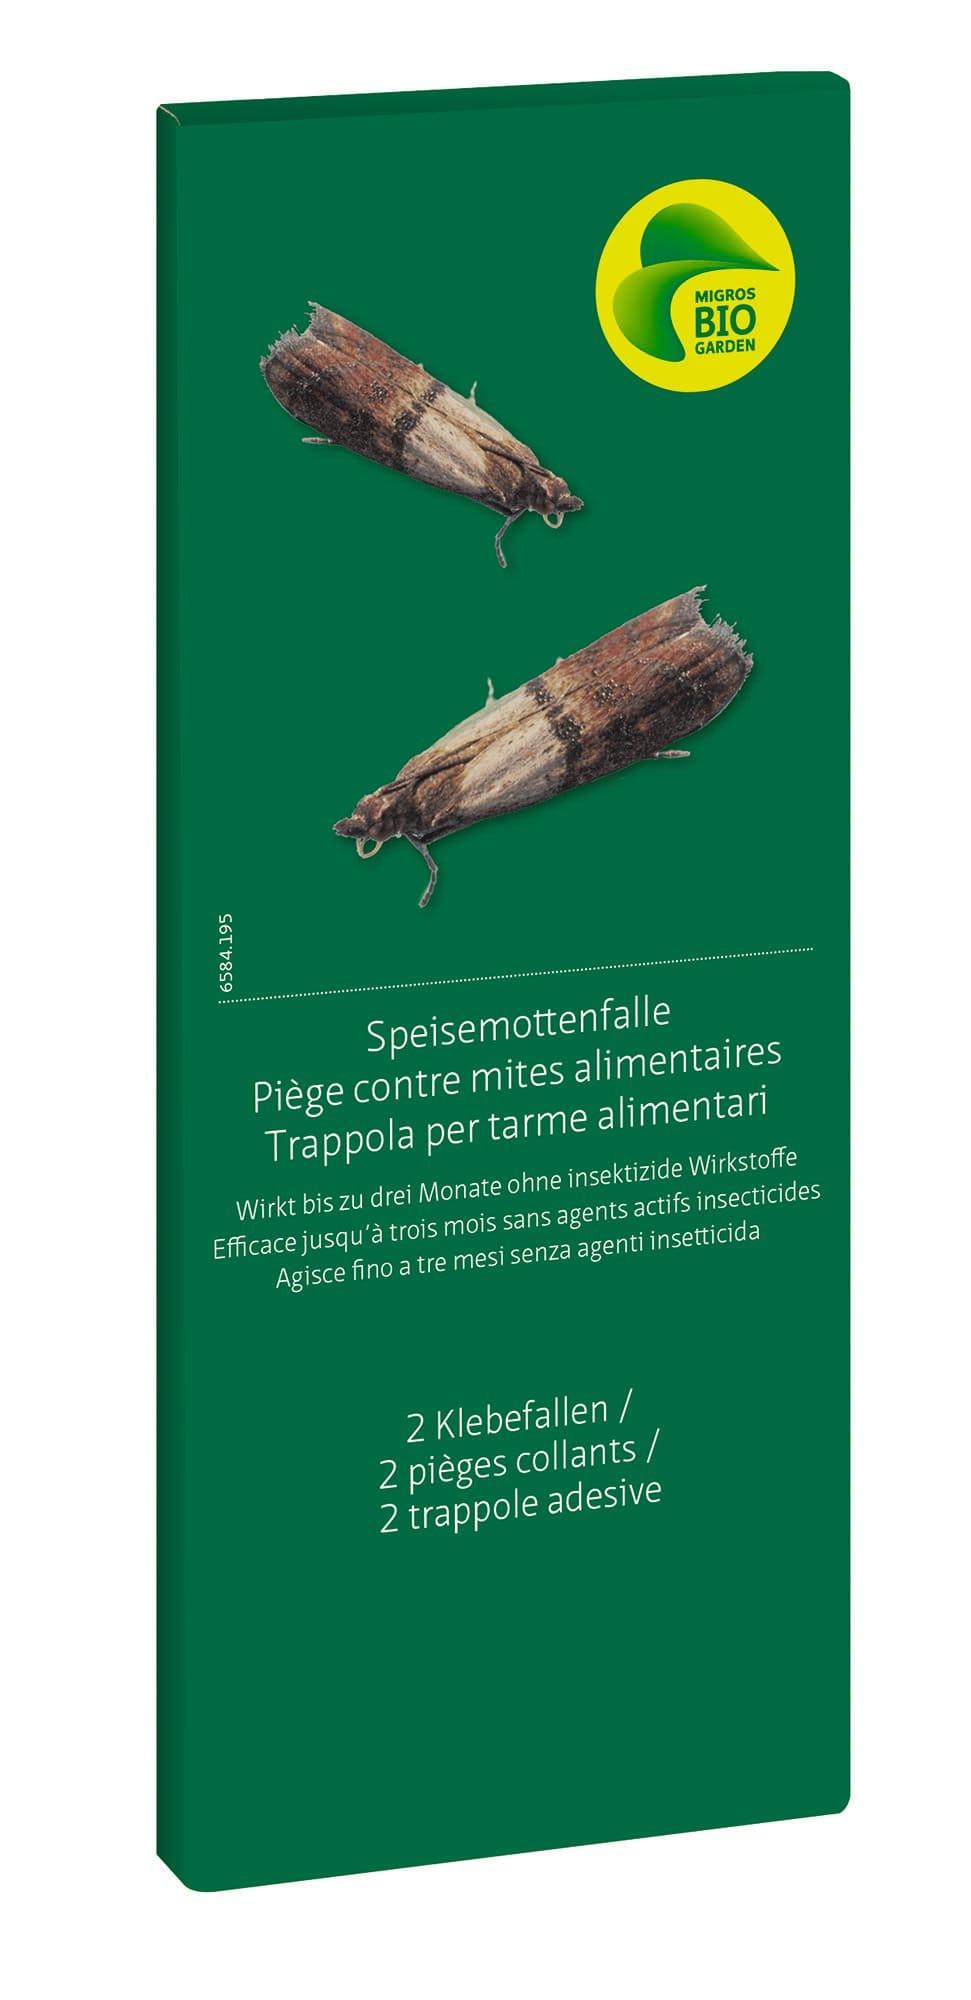 Migros-Bio Garden Speisemottenfalle, 2 Klebefallen